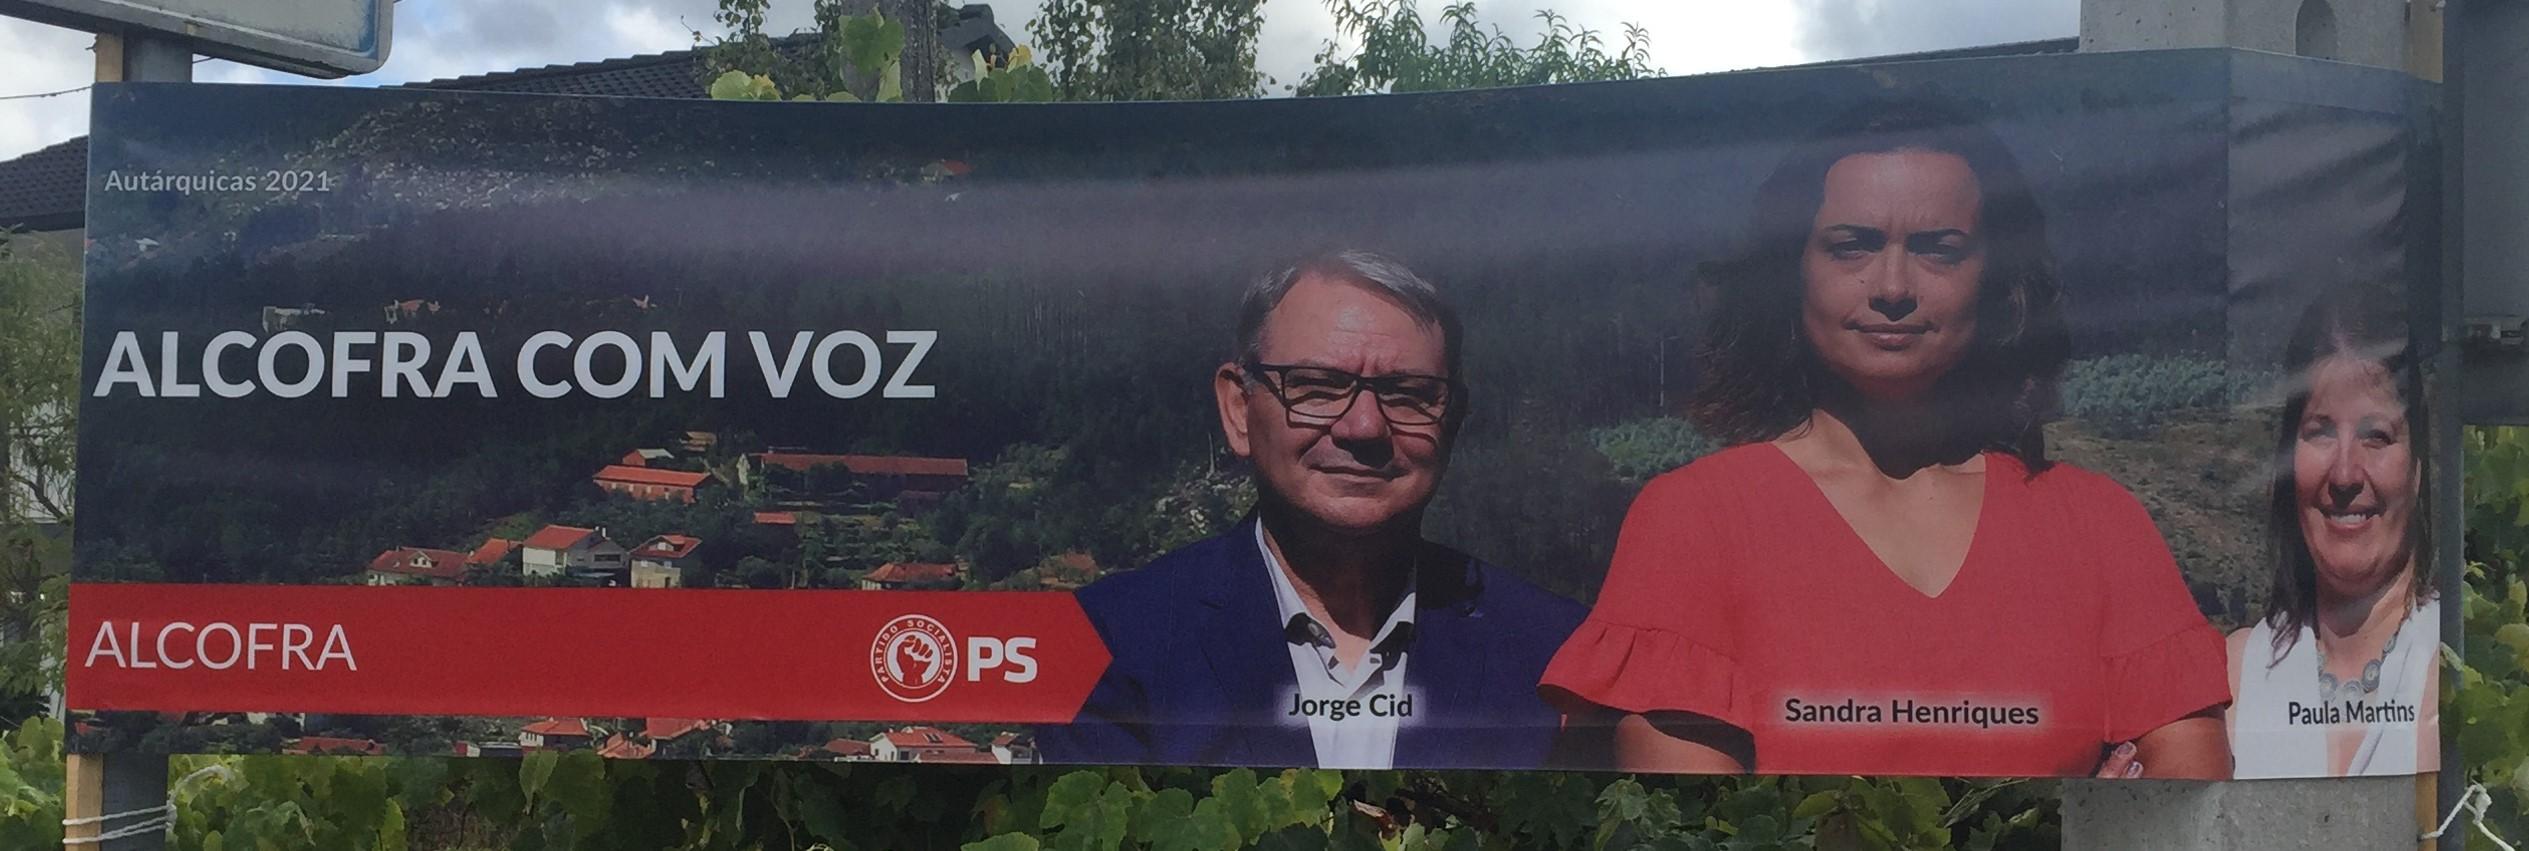 PS_2021_Vouzela_alcofra